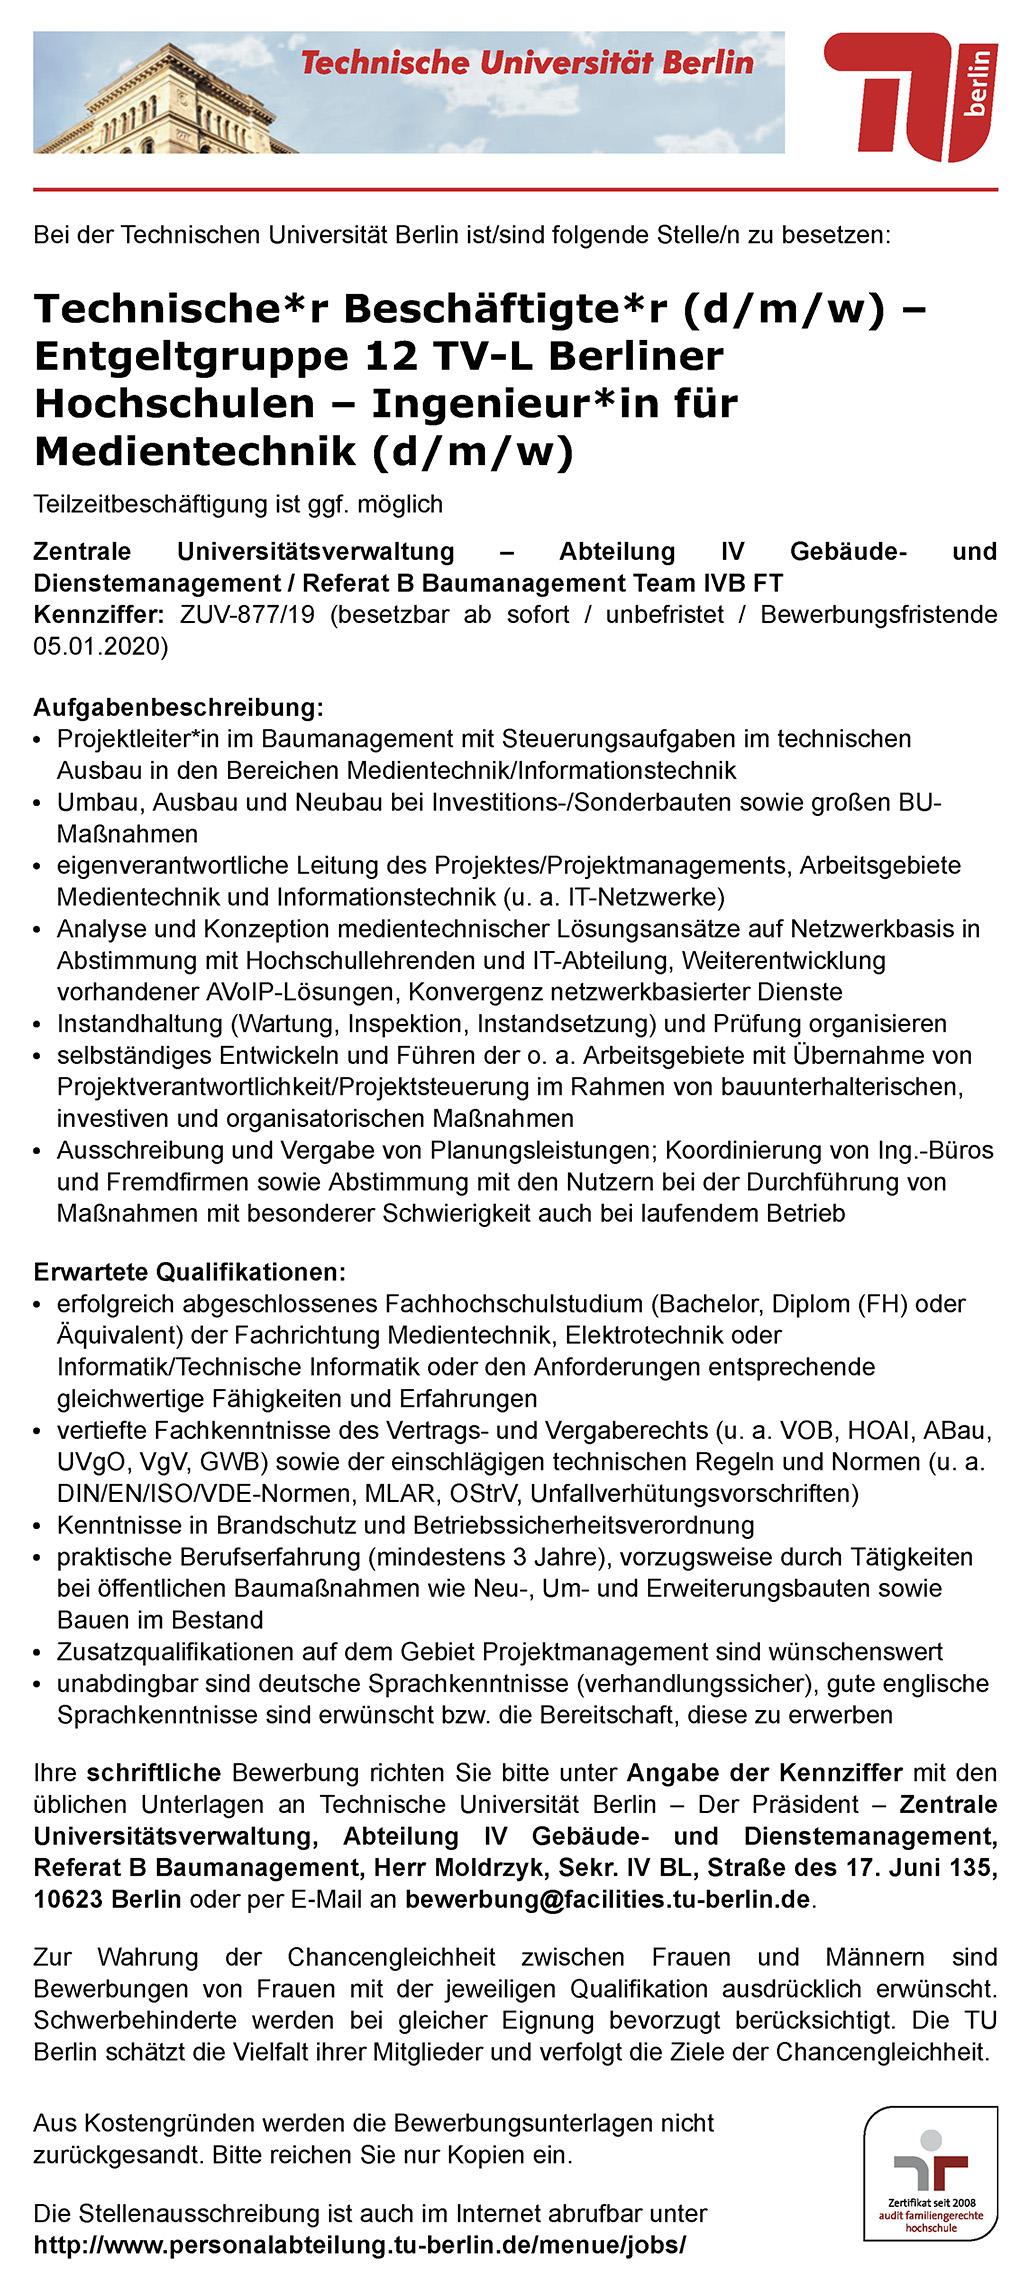 Stellenausschreibung Technische Universität Berlin